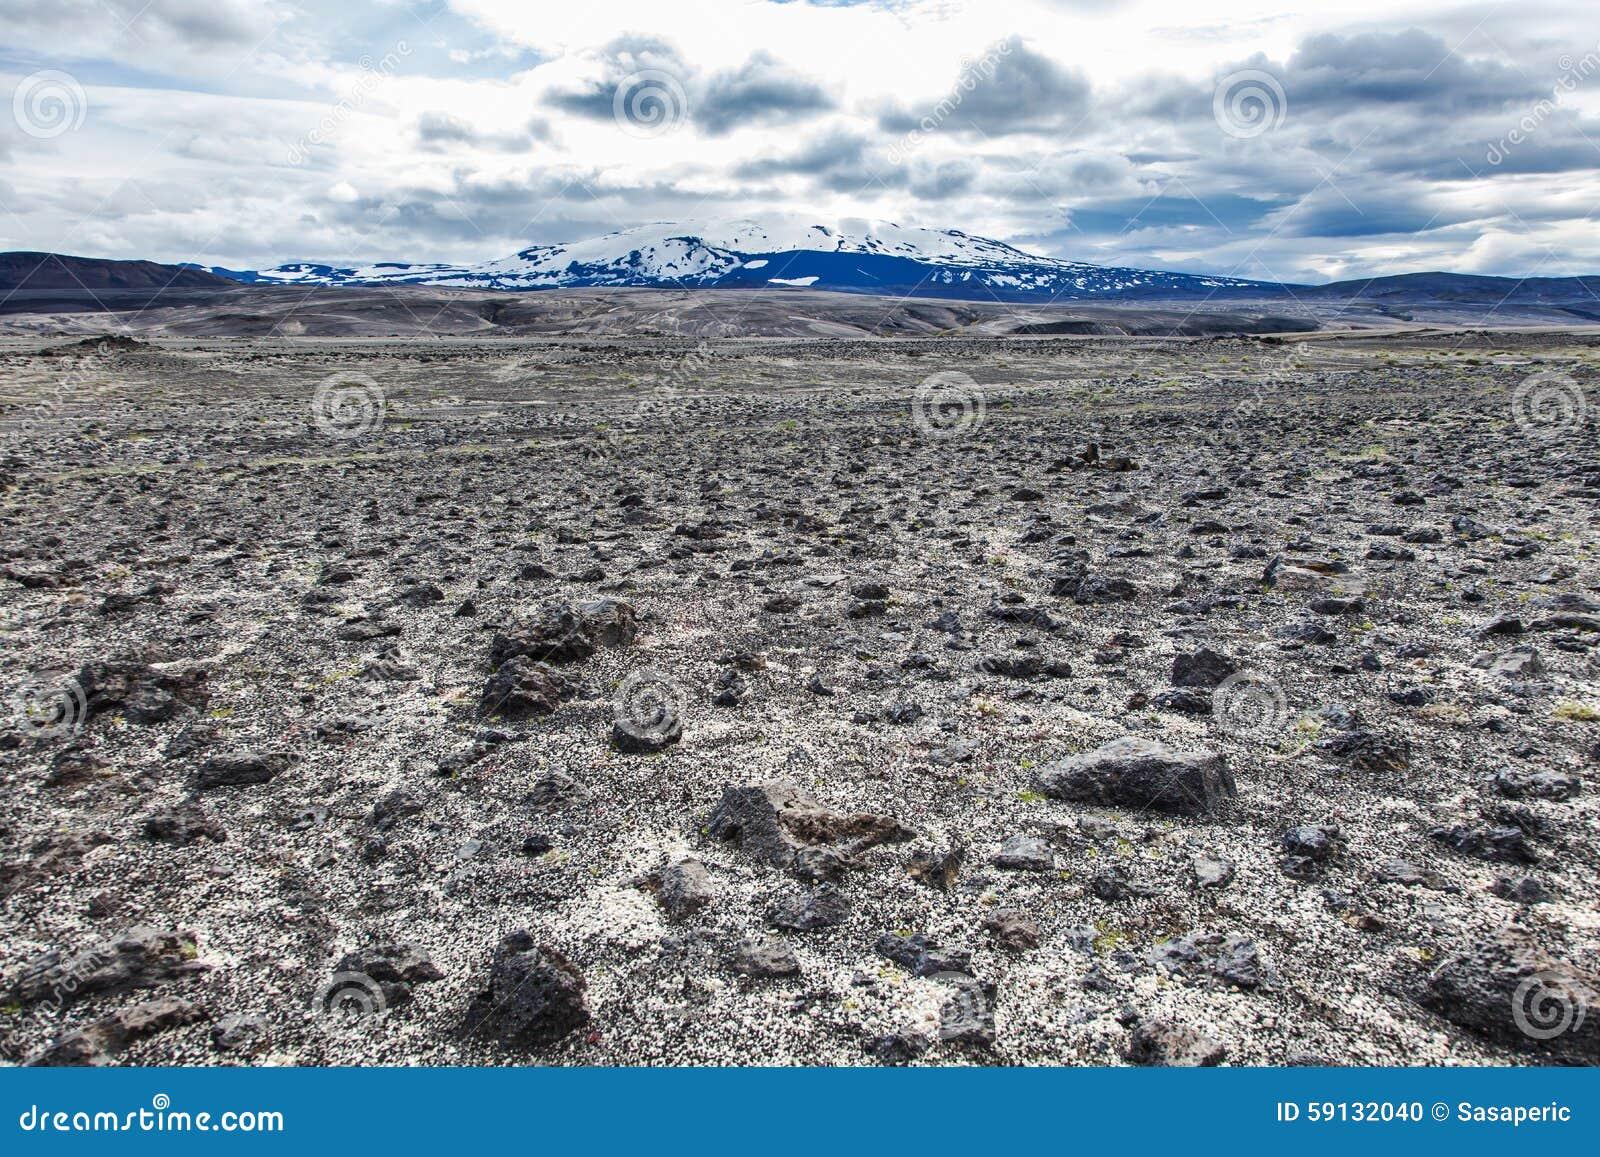 paysage volcanique terre en friche de pierre et de cendre photo stock image 59132040. Black Bedroom Furniture Sets. Home Design Ideas